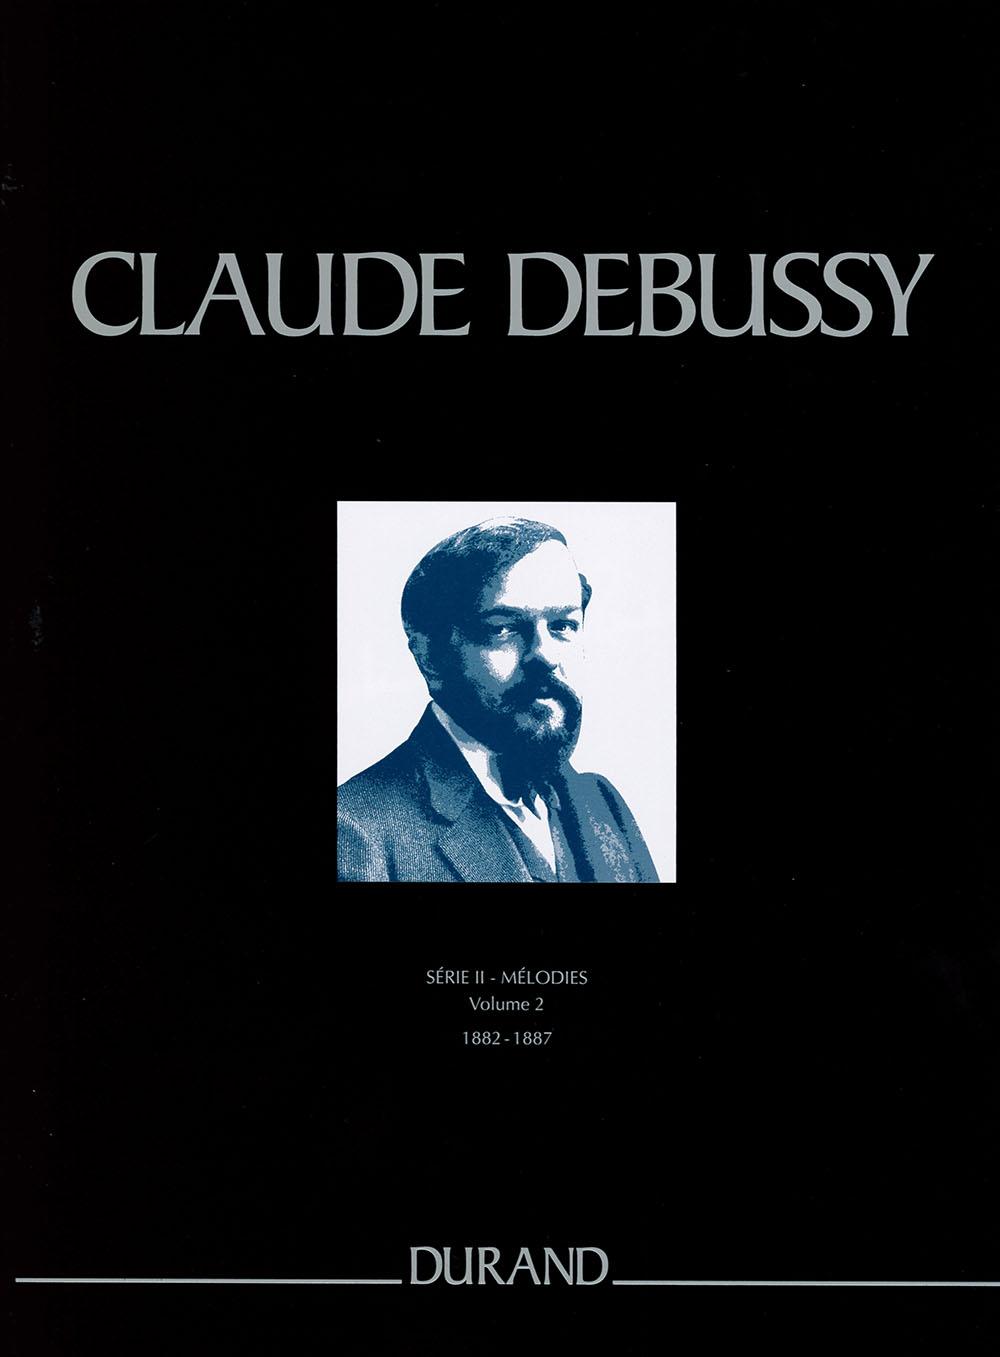 Claude Debussy: Mélodies - Serie II - Vol. 2 - 1882 à 1887: Voice